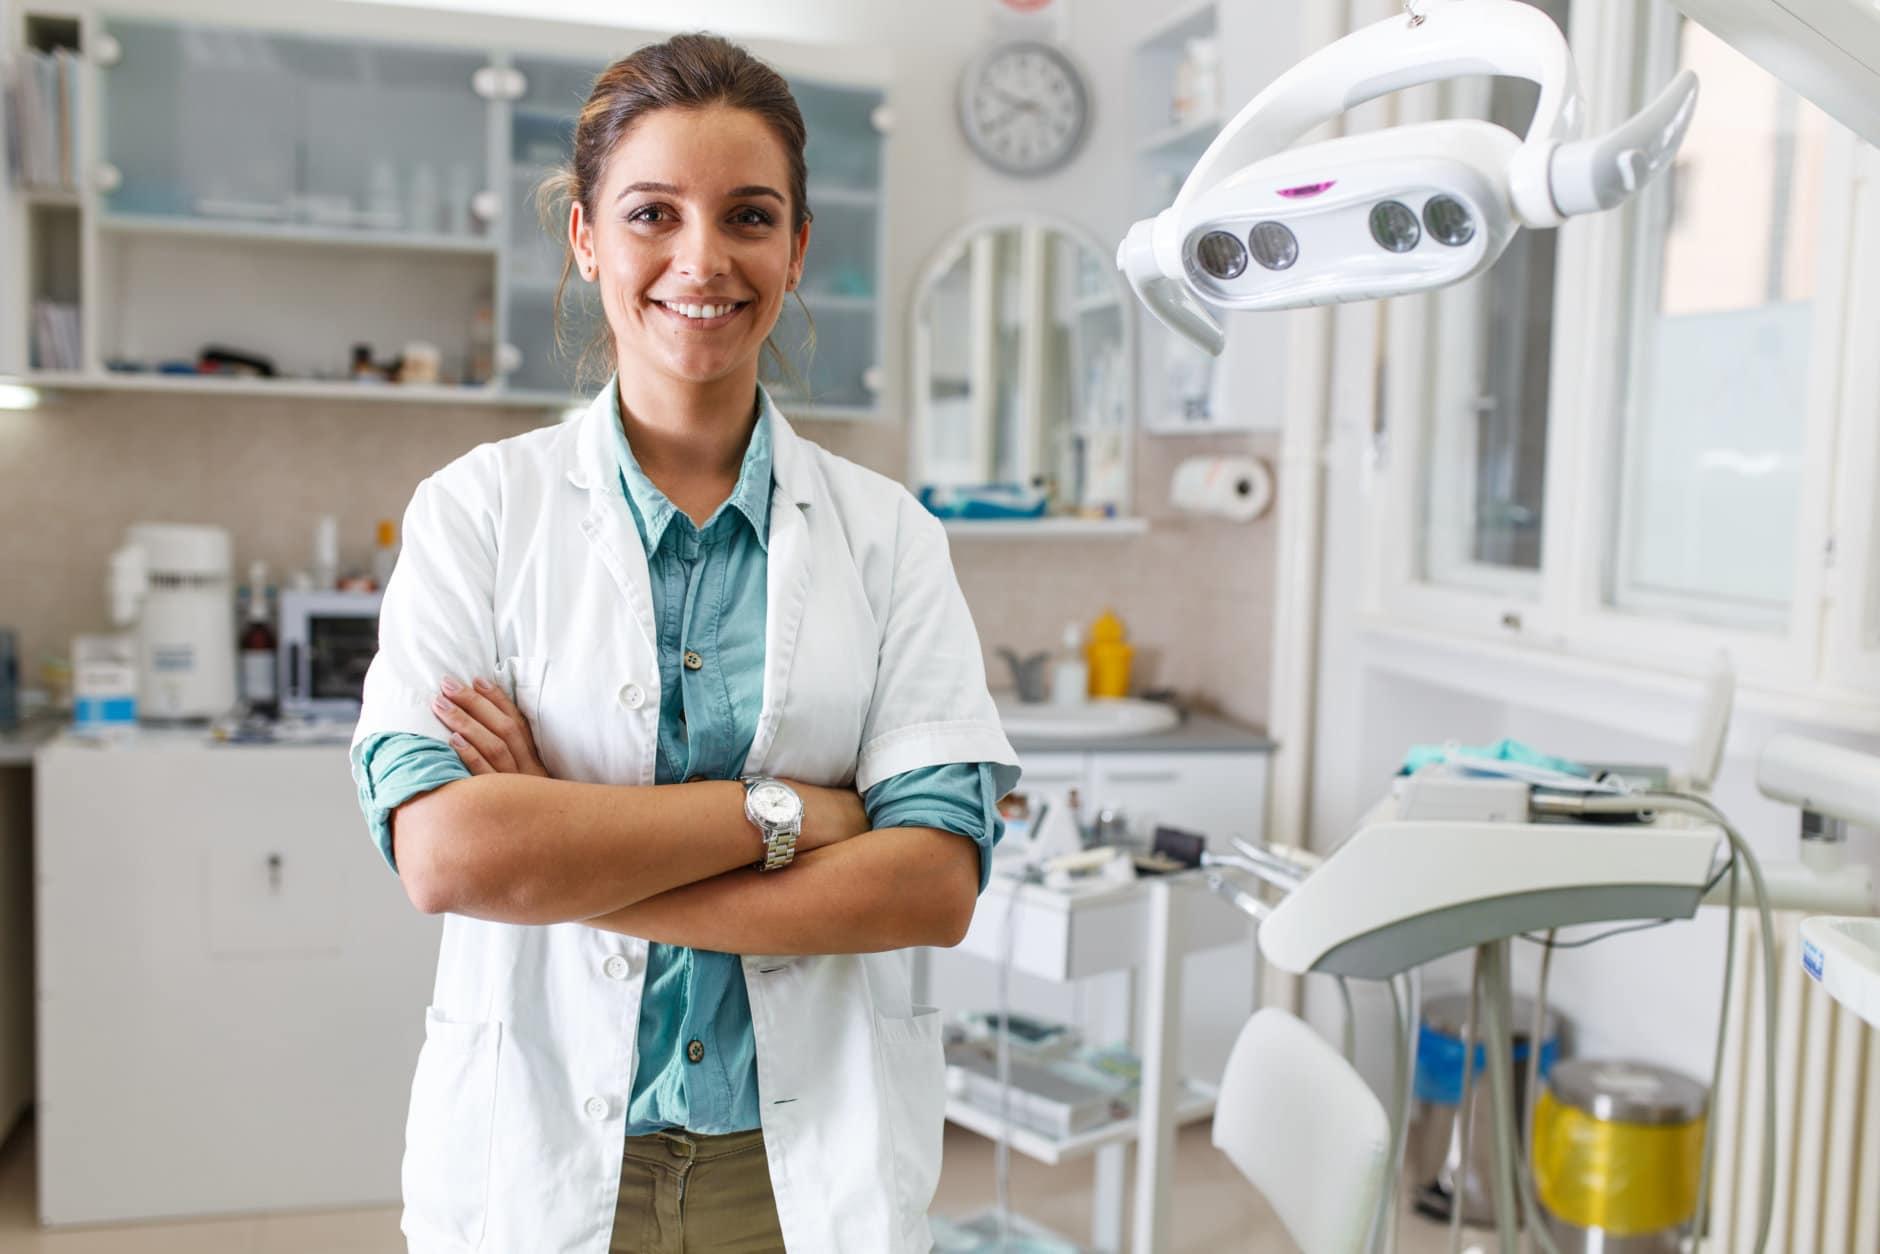 Portrait of female dentist .She standing in her dentist office..